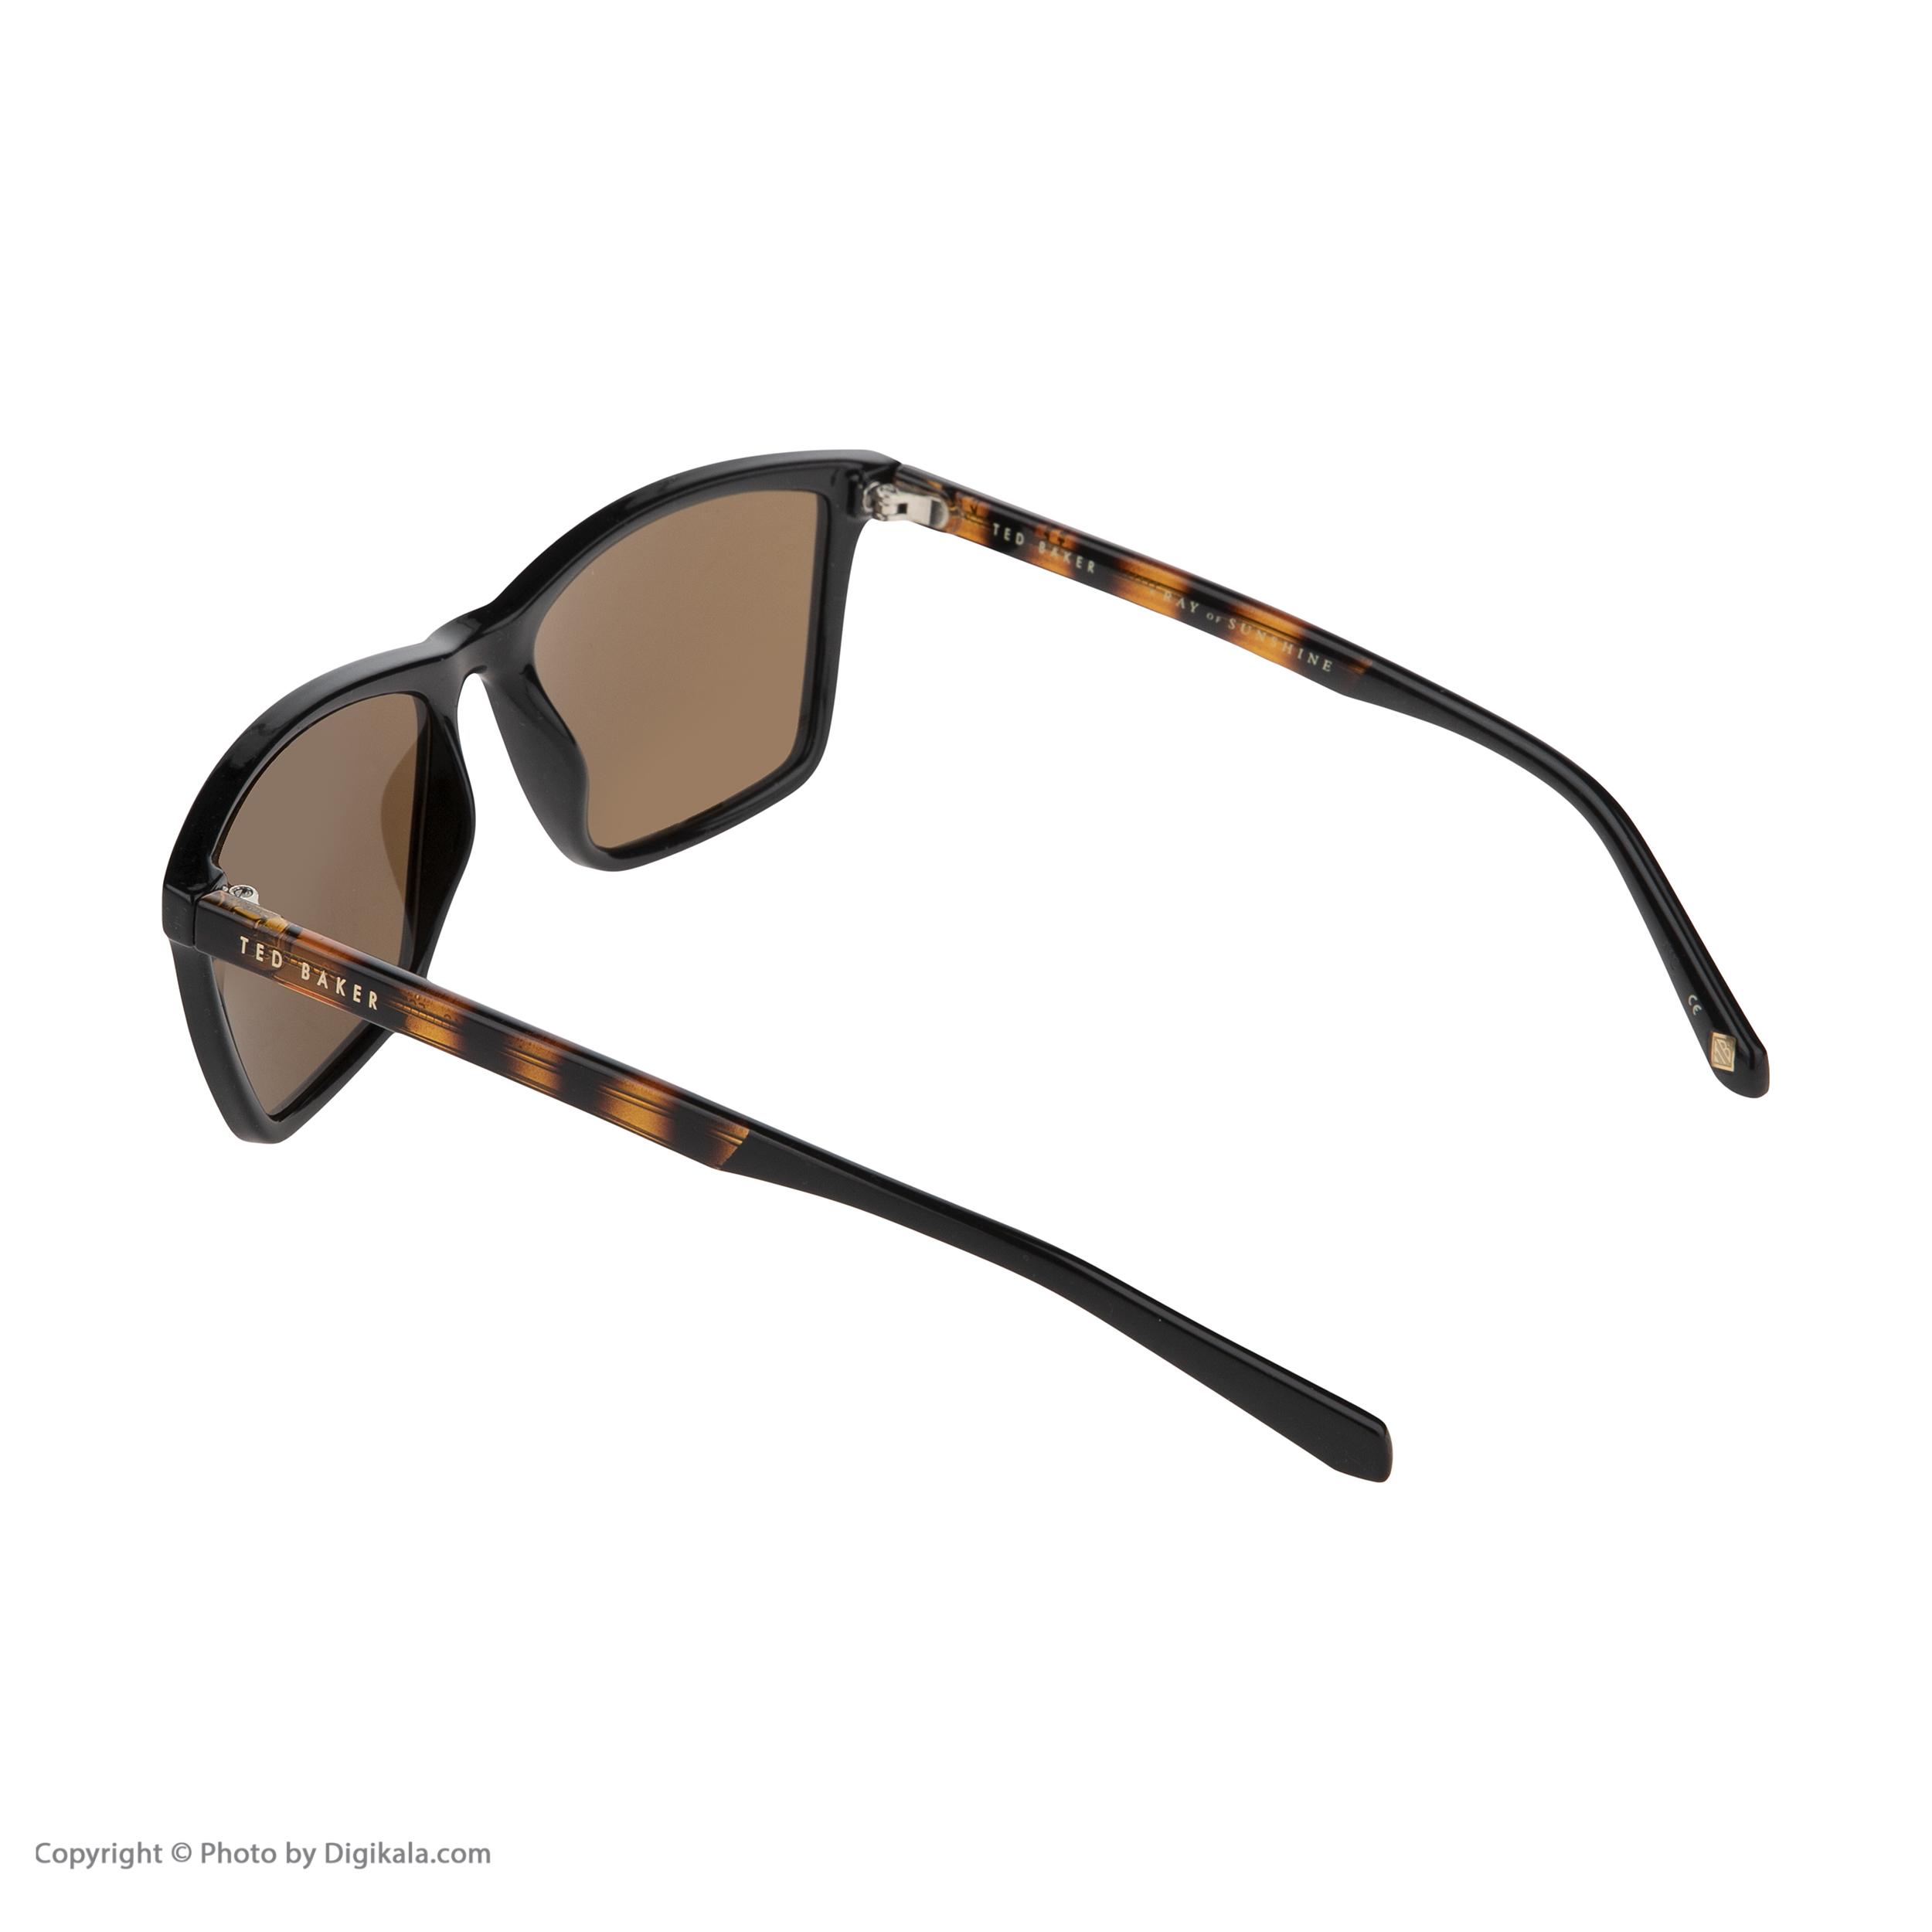 عینک آفتابی مردانه تد بیکر مدل TB 1456 012